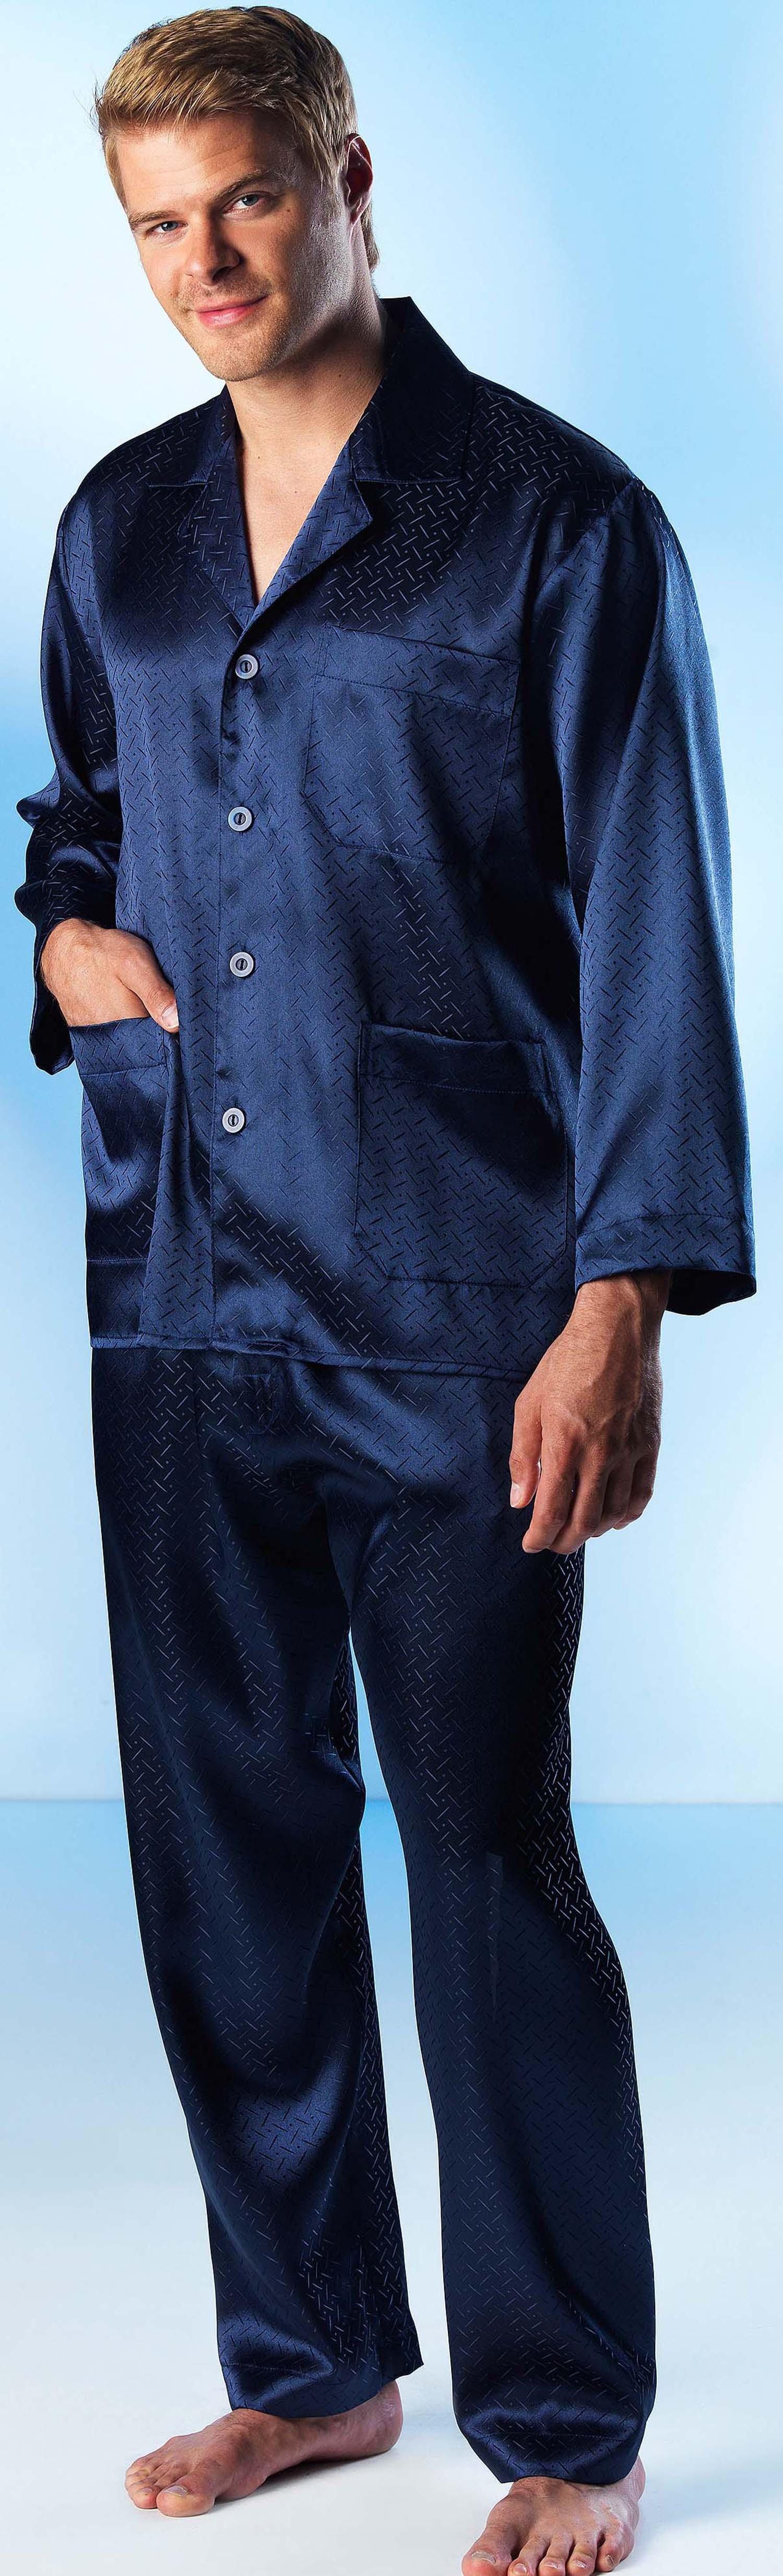 H-Home-Dress/Pyjama marine L 053 - 1 - Ronja.ch